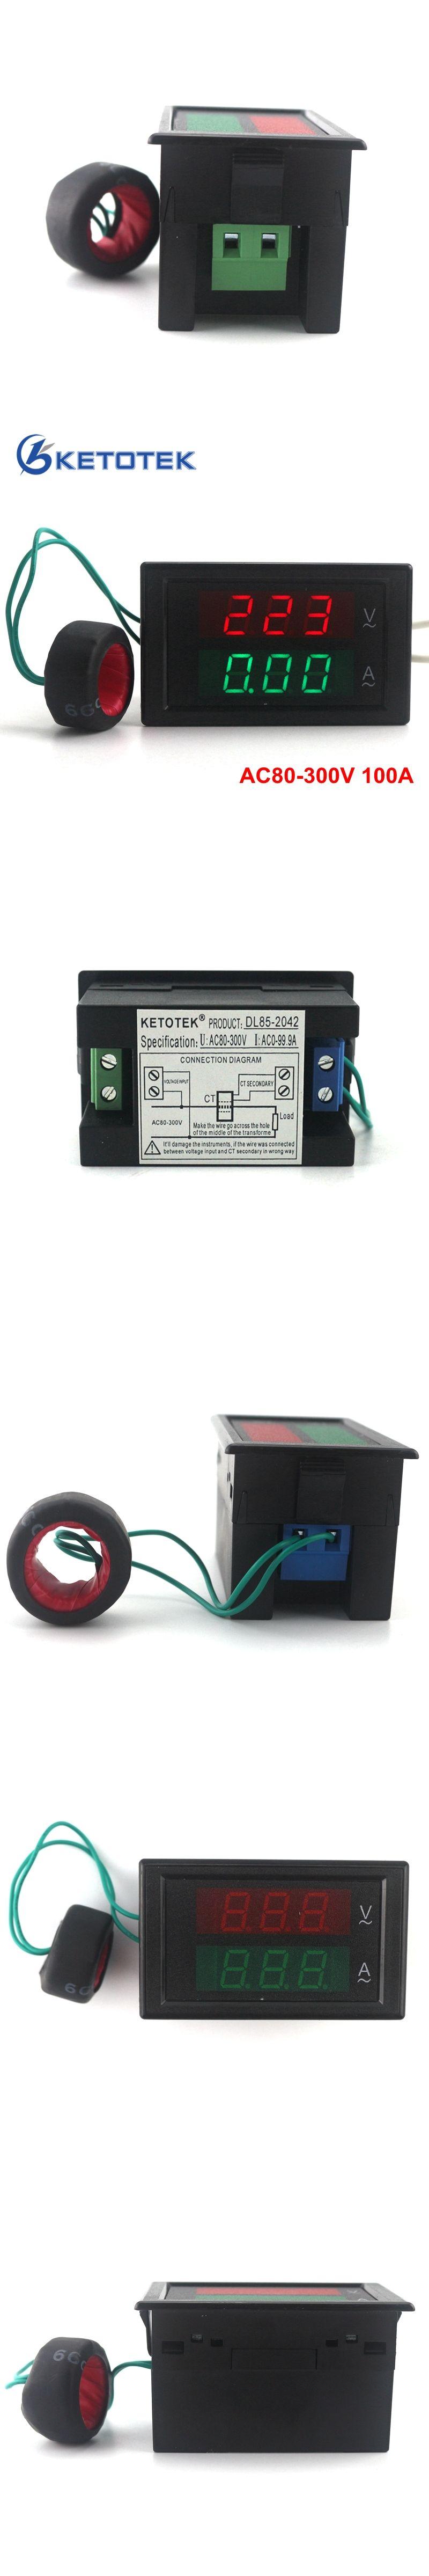 Ac80 300v Ac 0 100a Led Volt Amp Meter Voltage Current Digital Voltmeter Ammeter Wiring Diagram Ampere